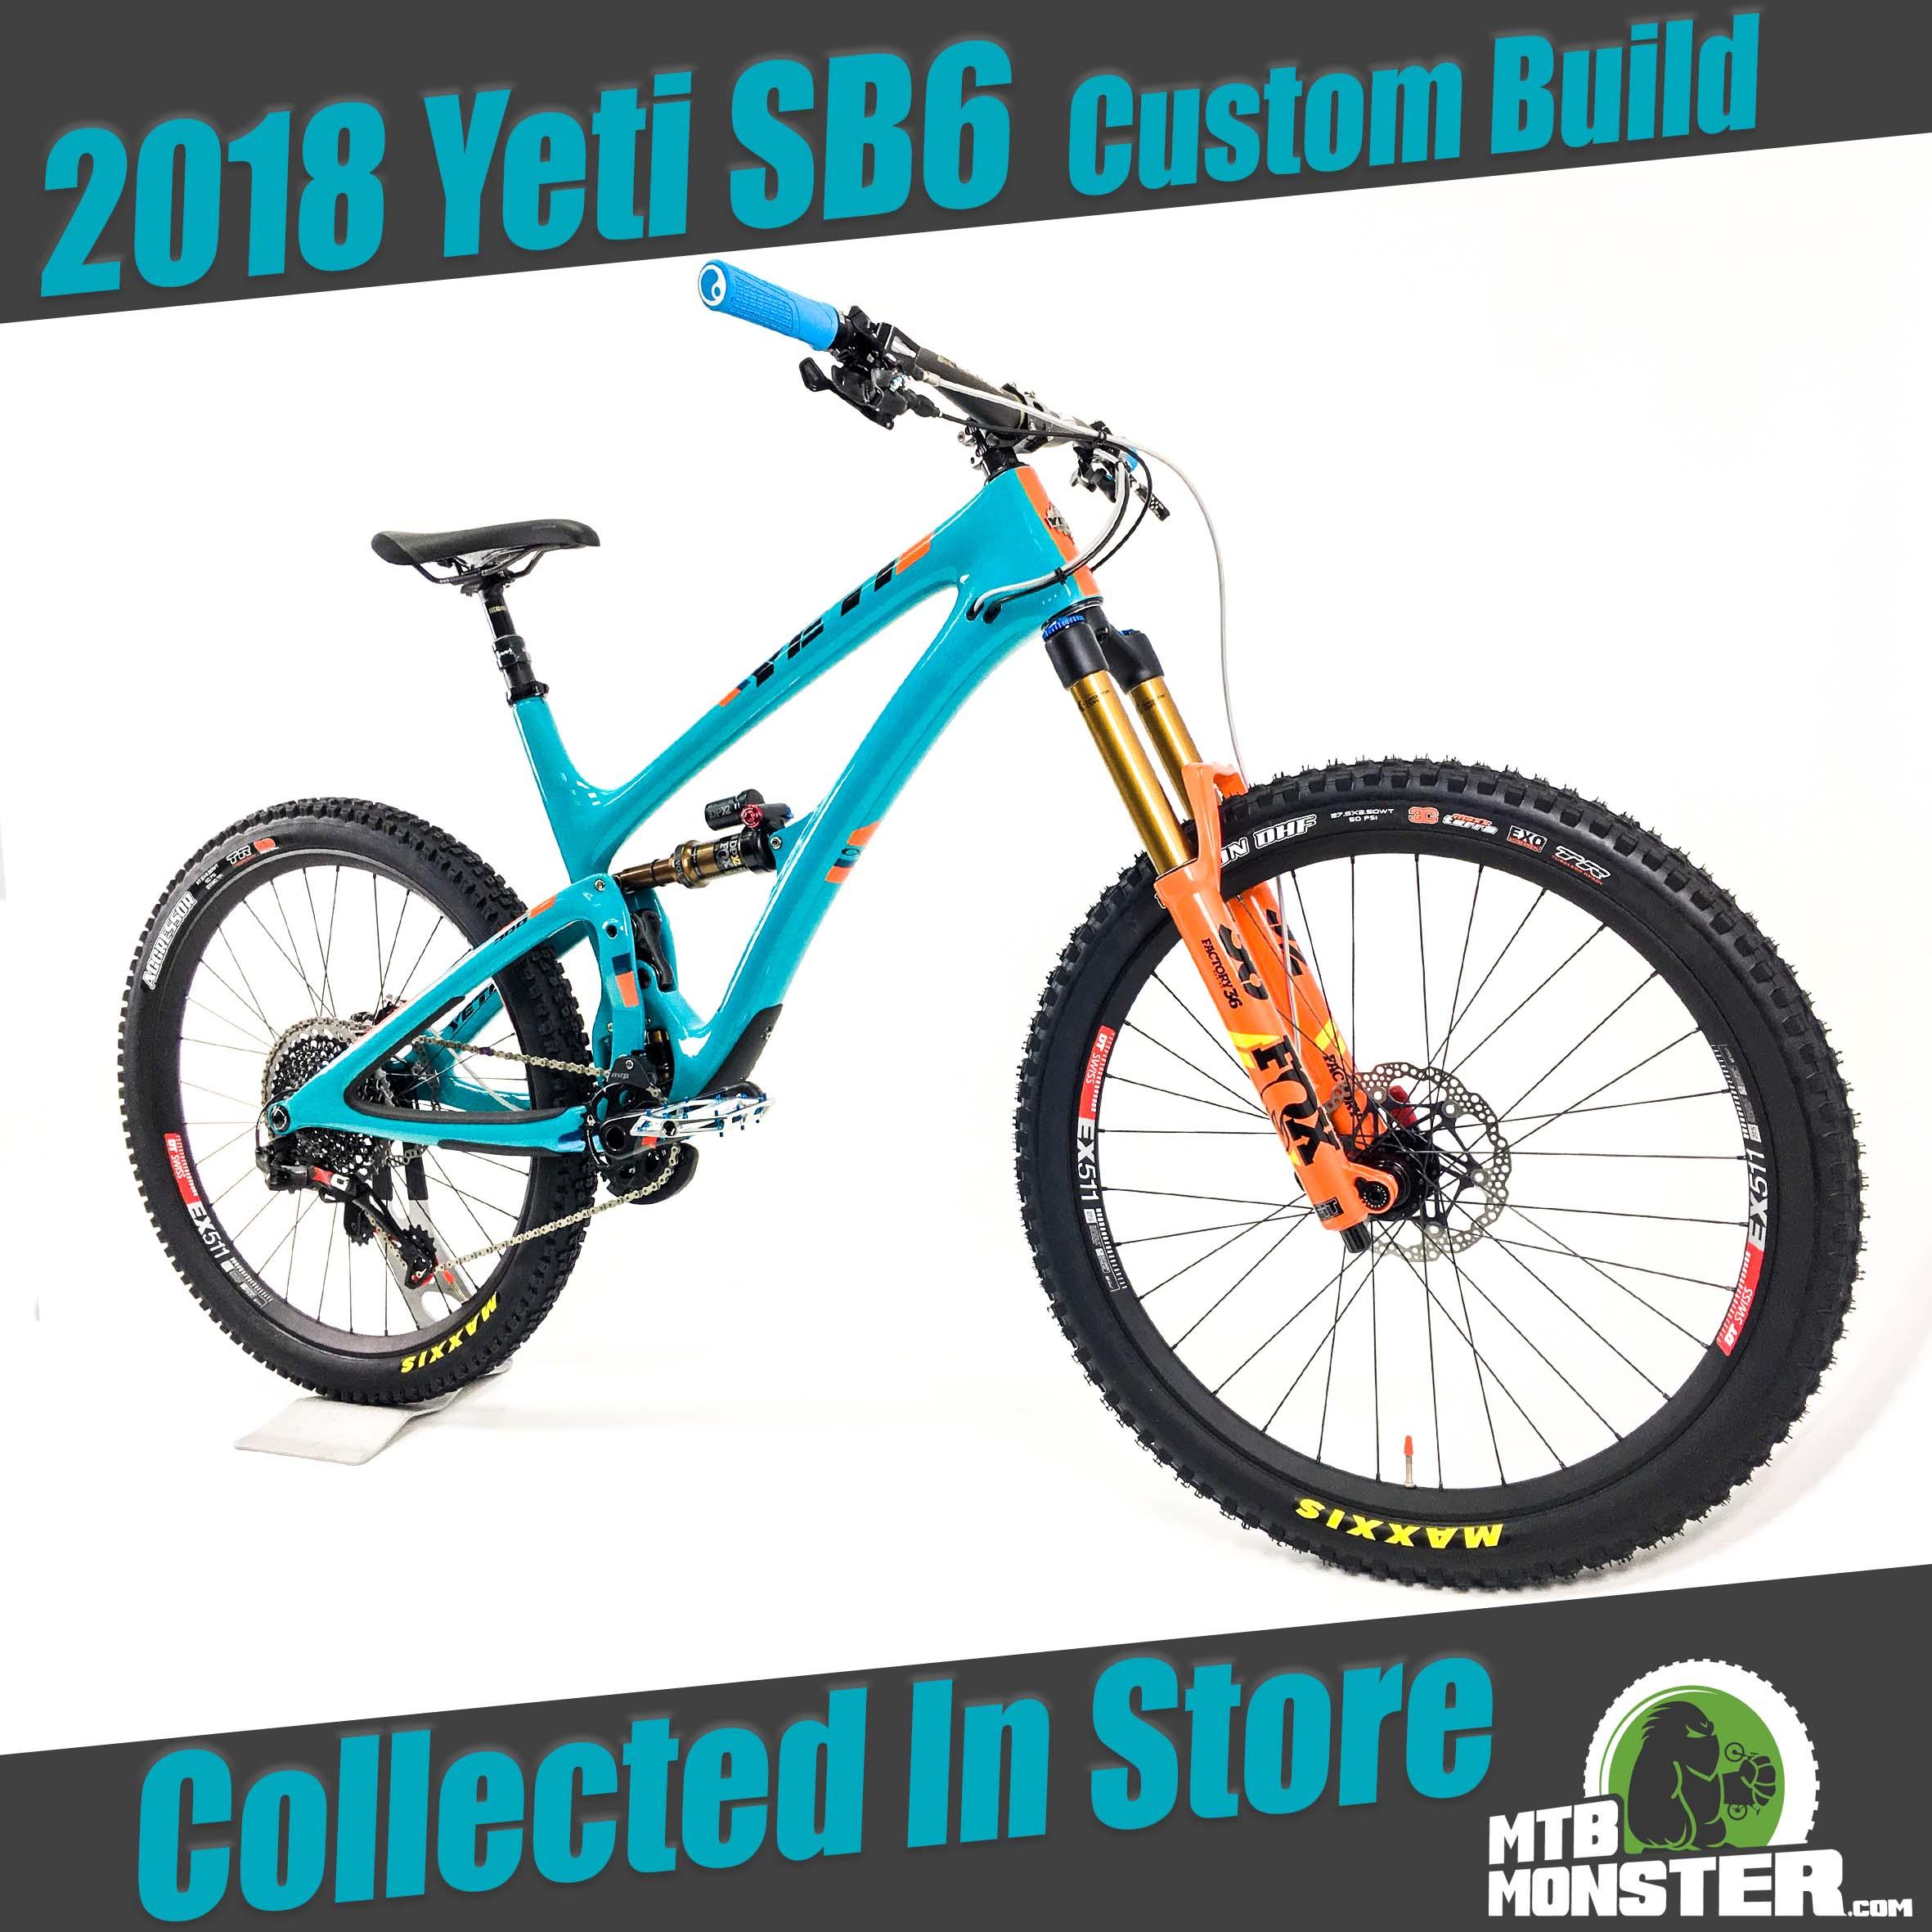 Yeti SB6 T-Series 2018 Custom Build